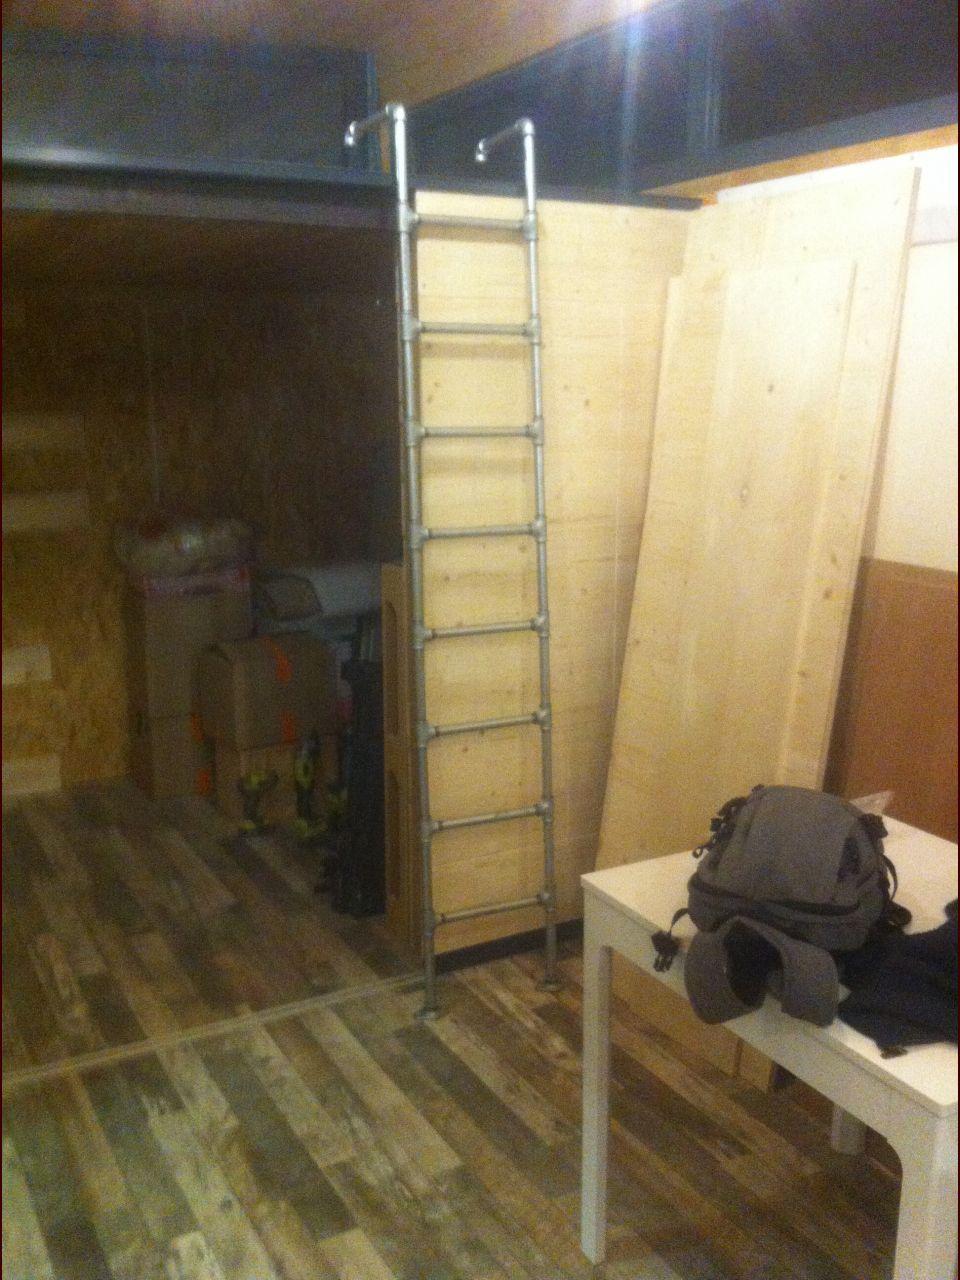 L'échelle pour monter à la mezzanine, en raccord galva (là elle n'est pas encore à sa place)